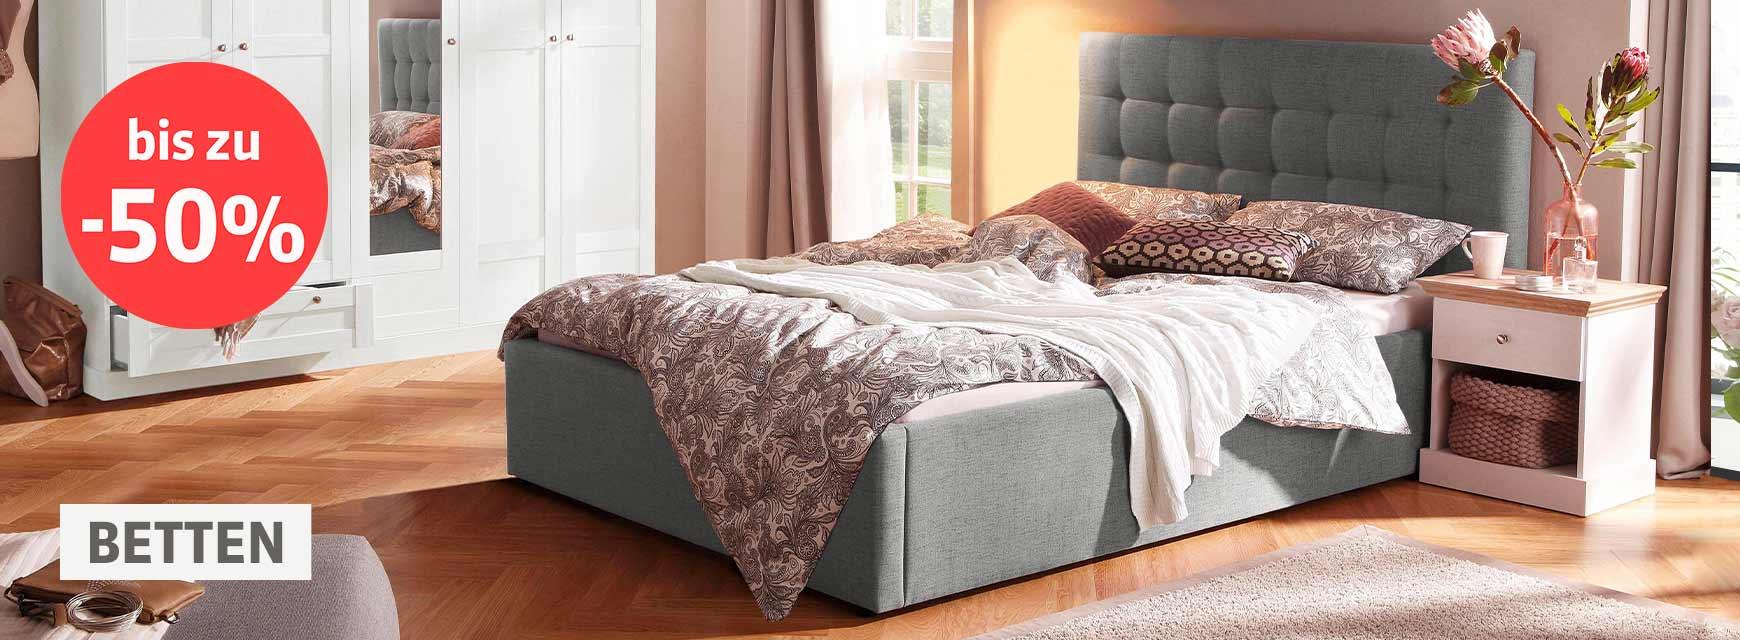 Full Size of Amerikanisches Bett Hoch Selber Bauen Amerikanische Betten Holz Bettgestell Bettzeug Kaufen Online Schlafen Sie Besser Schlafweltde Ohne Kopfteil Niedrig Bett Amerikanisches Bett